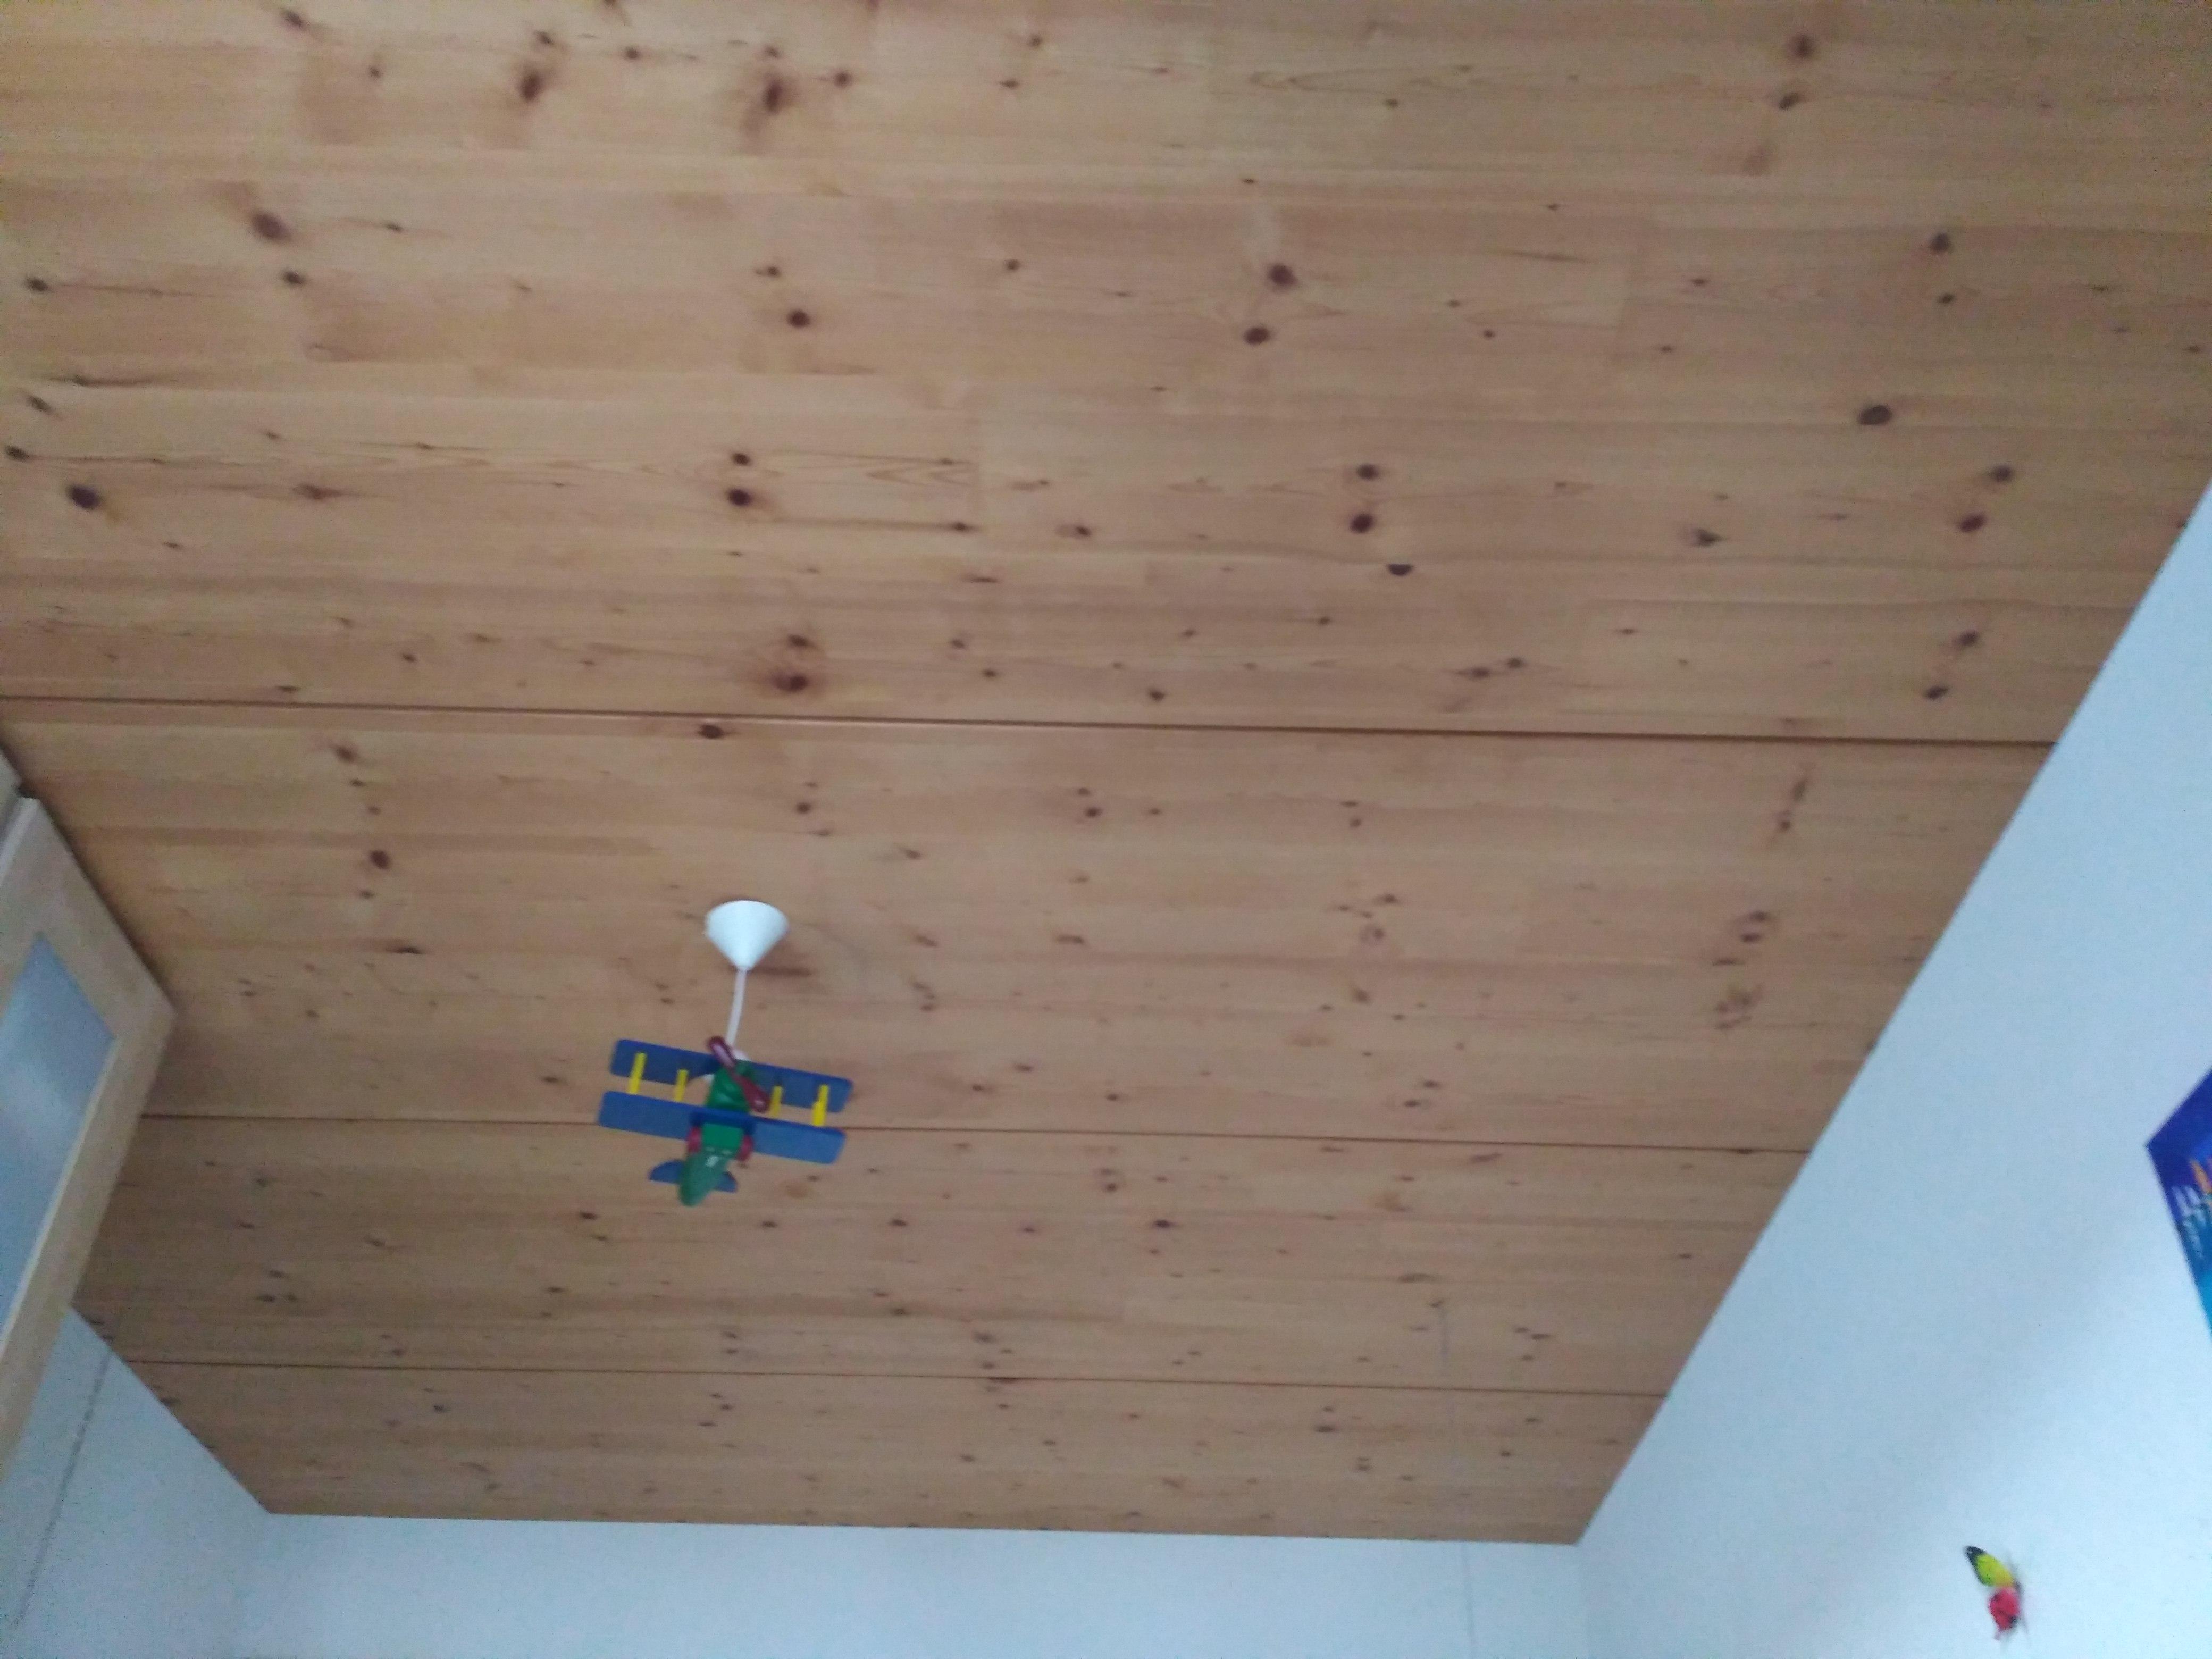 Berühmt Holzdecke lasieren | Selbst.de DIY Forum LU68